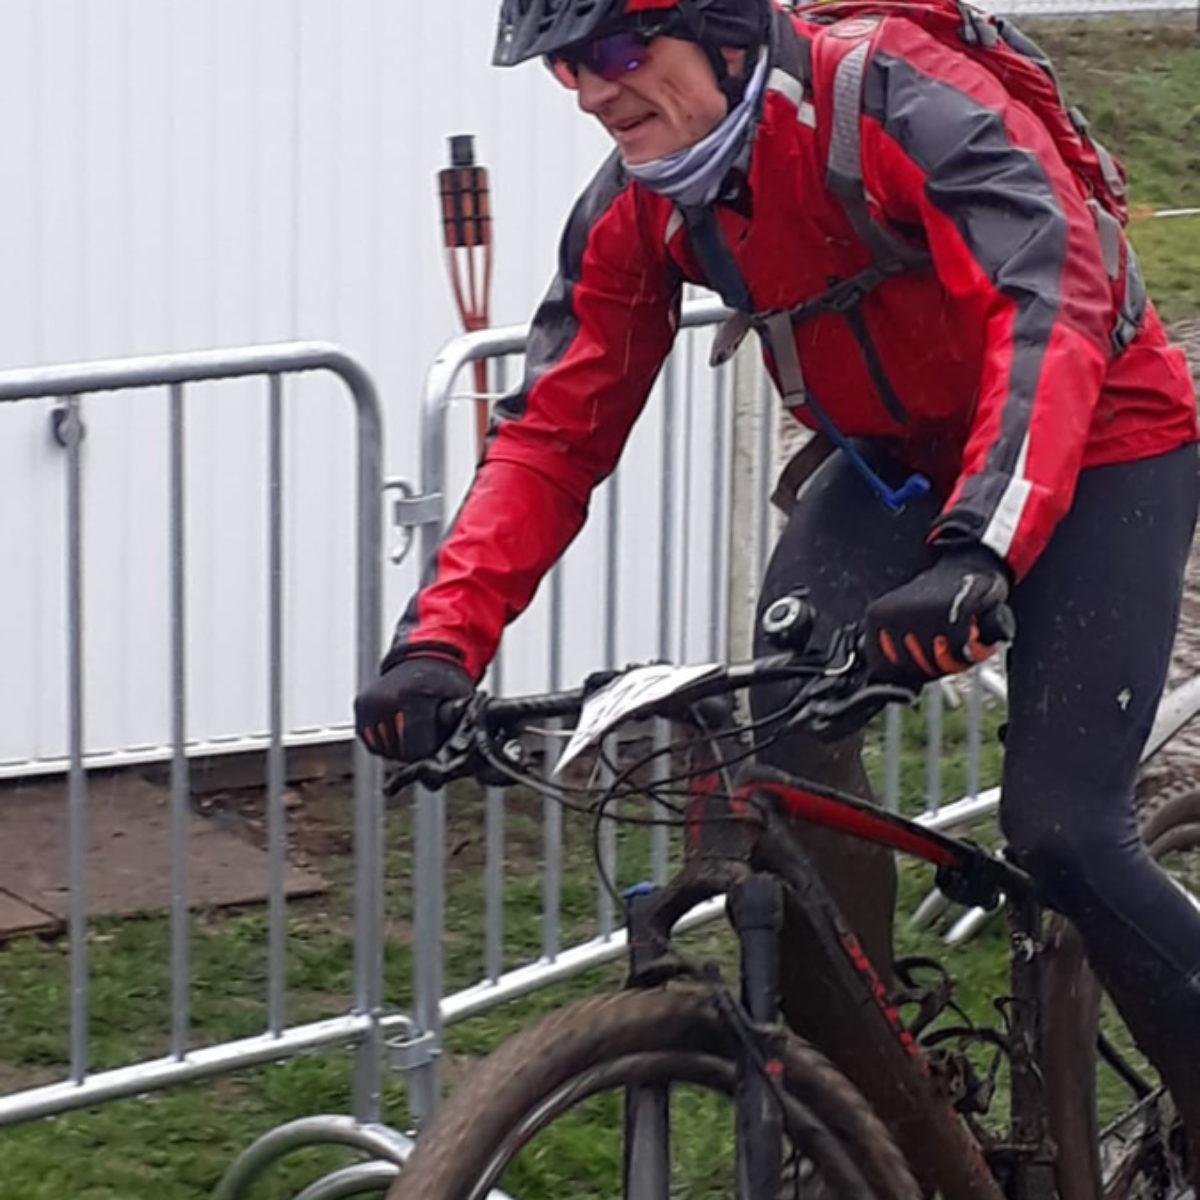 Gerd Bike